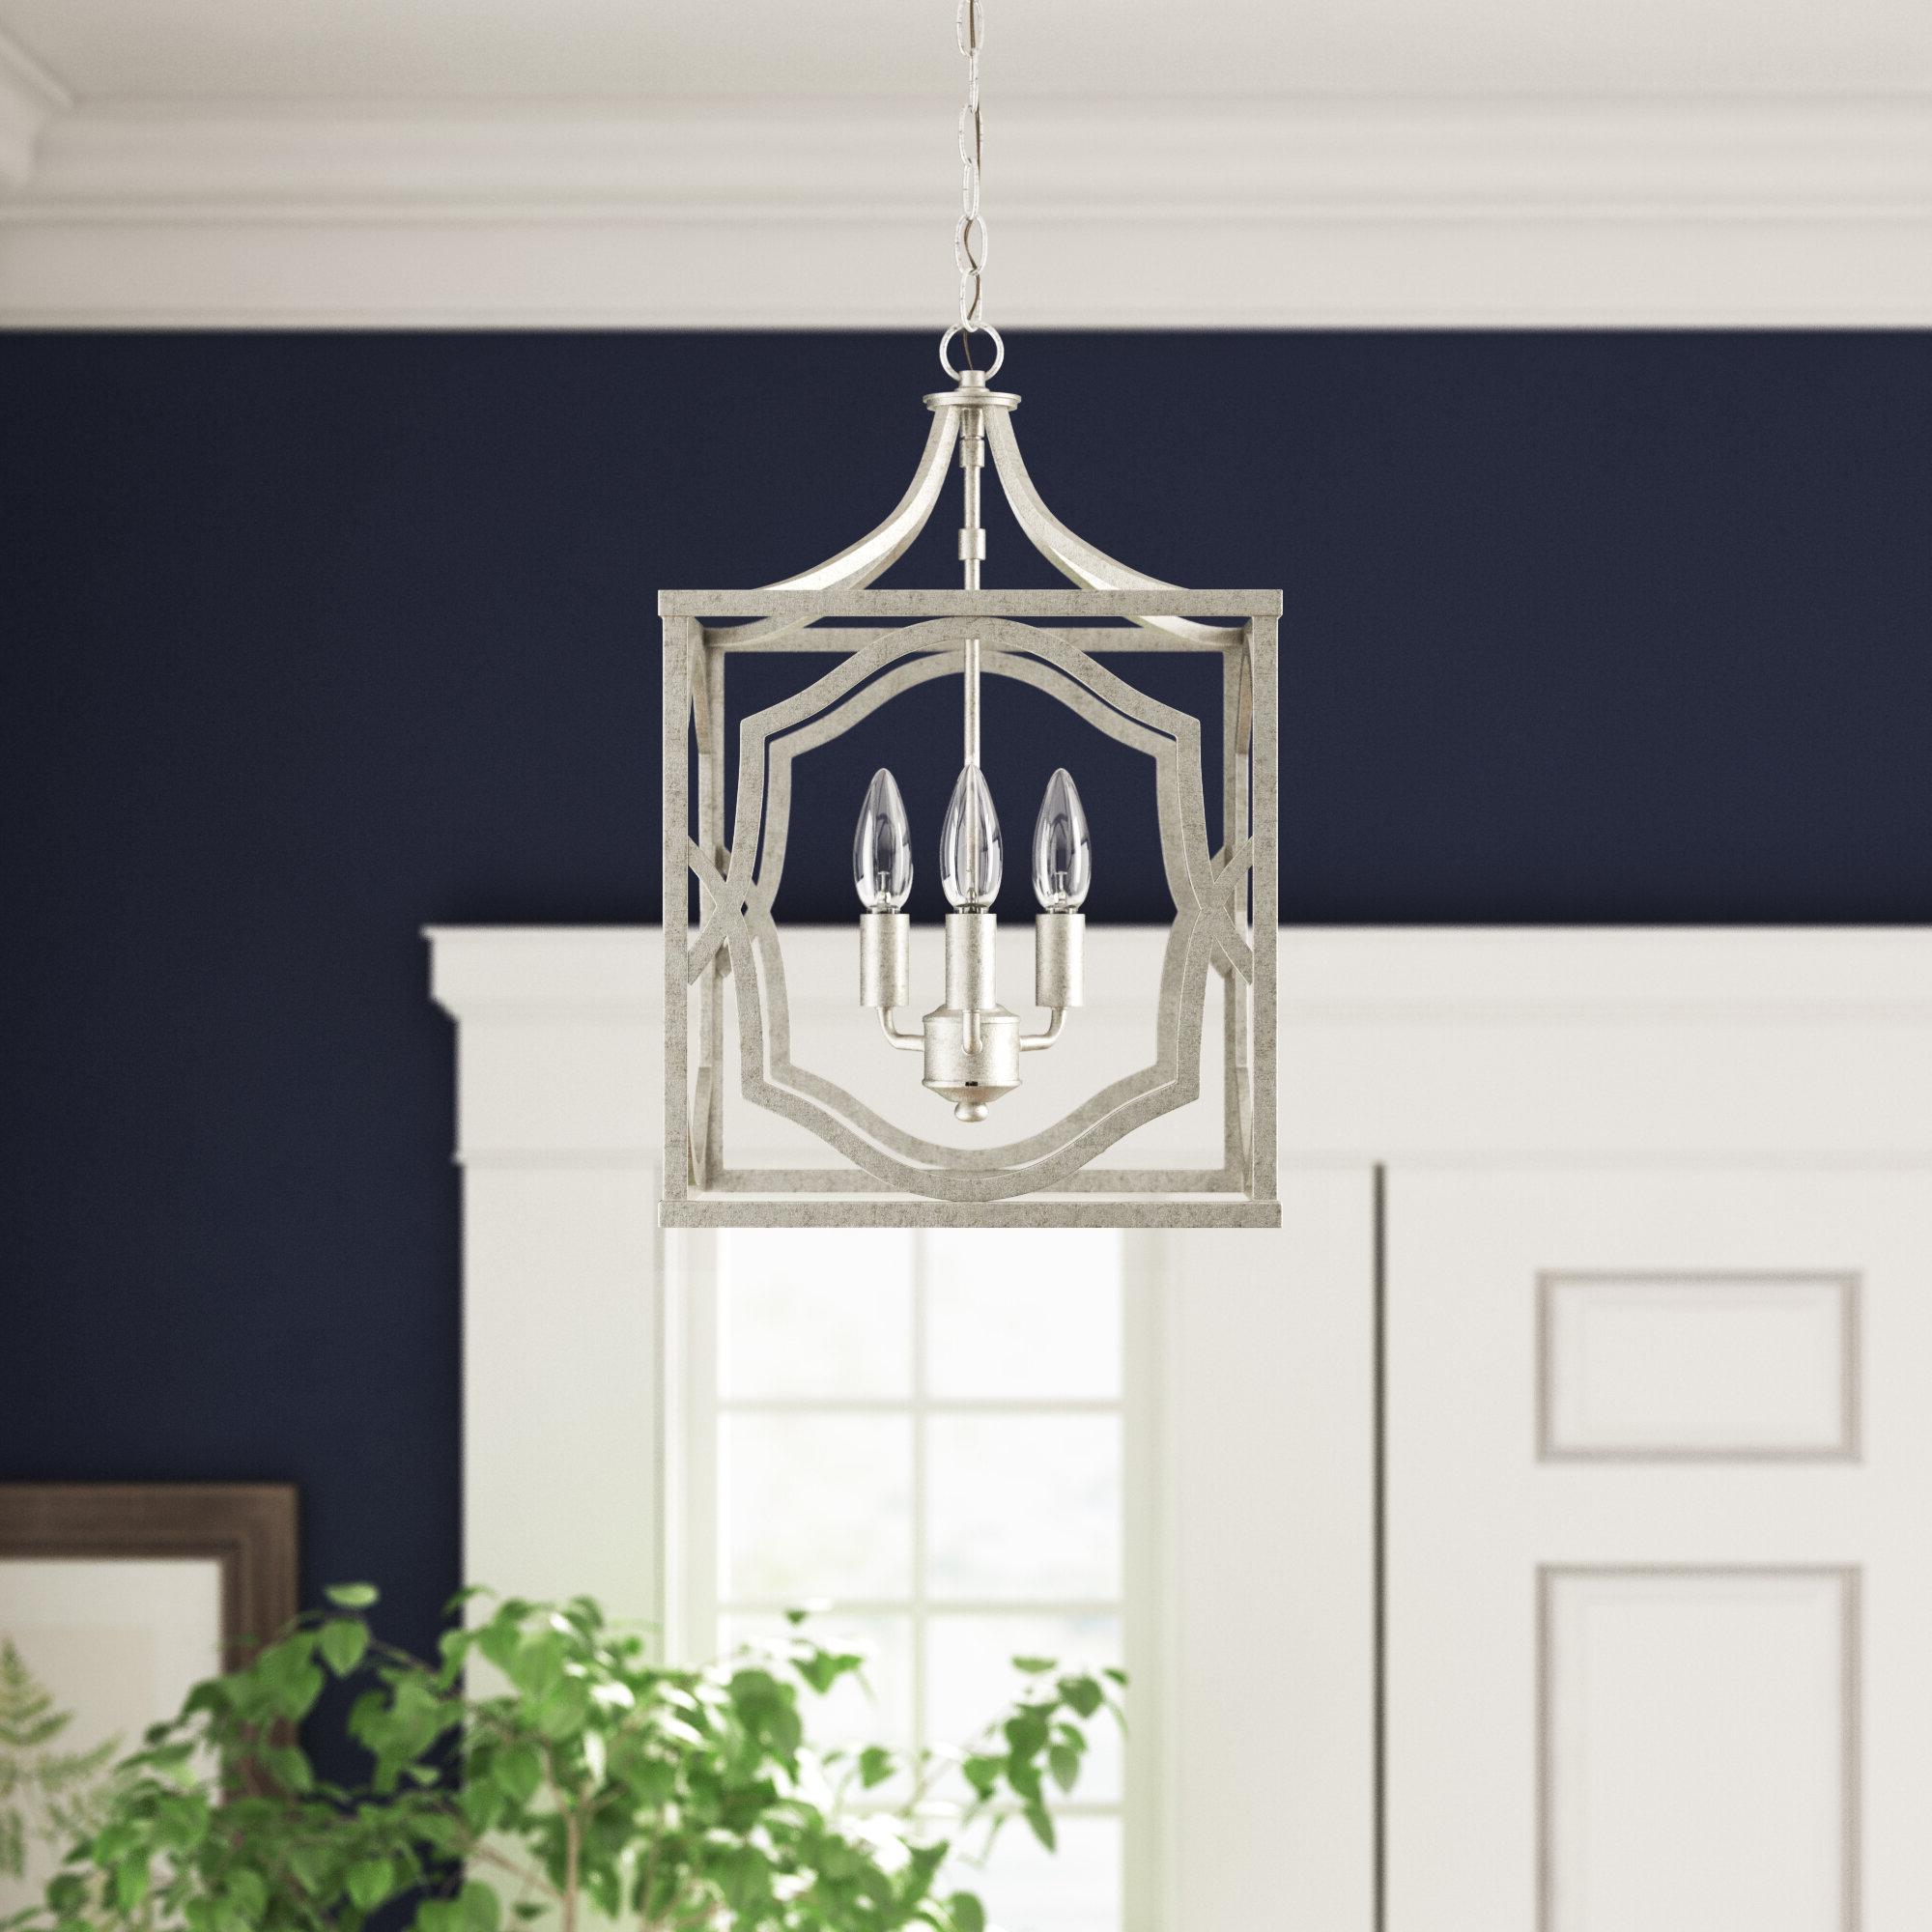 Willa Arlo Interiors Destrey 3 Light Lantern Square/rectangle Pendant For Preferred Freeburg 4 Light Lantern Square / Rectangle Pendants (View 13 of 25)